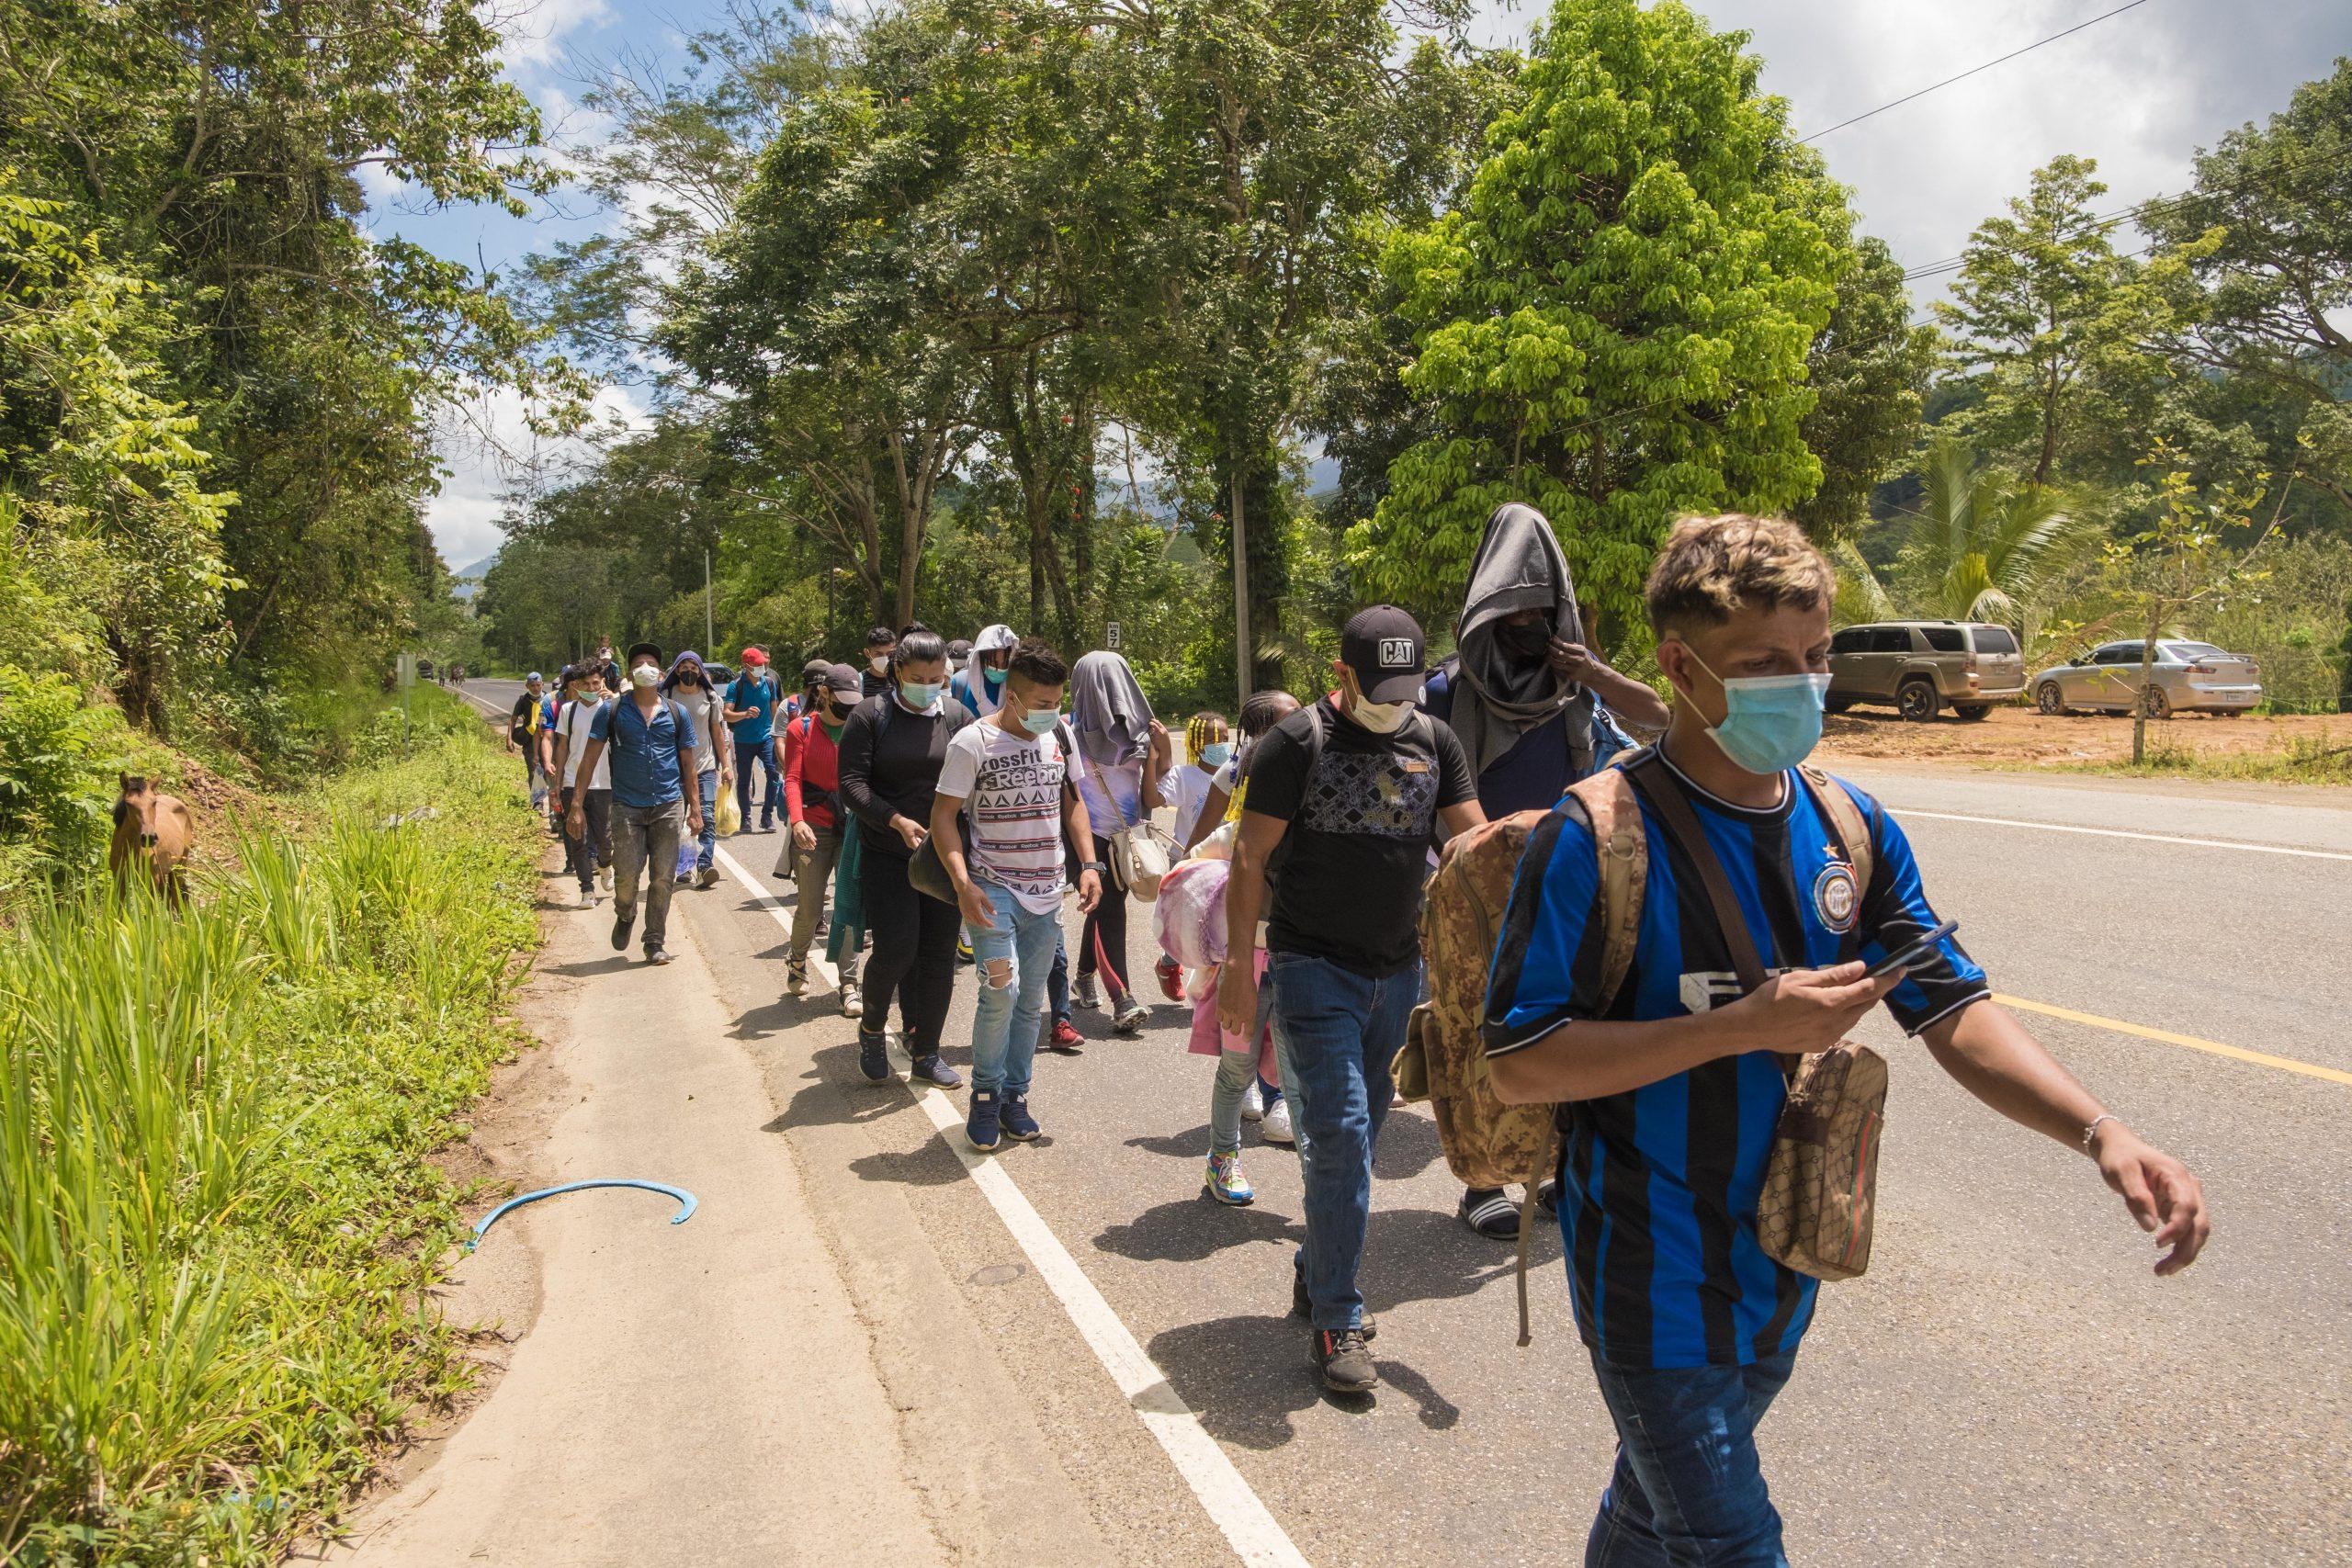 Un grupo de migrantes camina por la carretera hacia Guatemala, su objetivo es alcanzar el sueño americano.